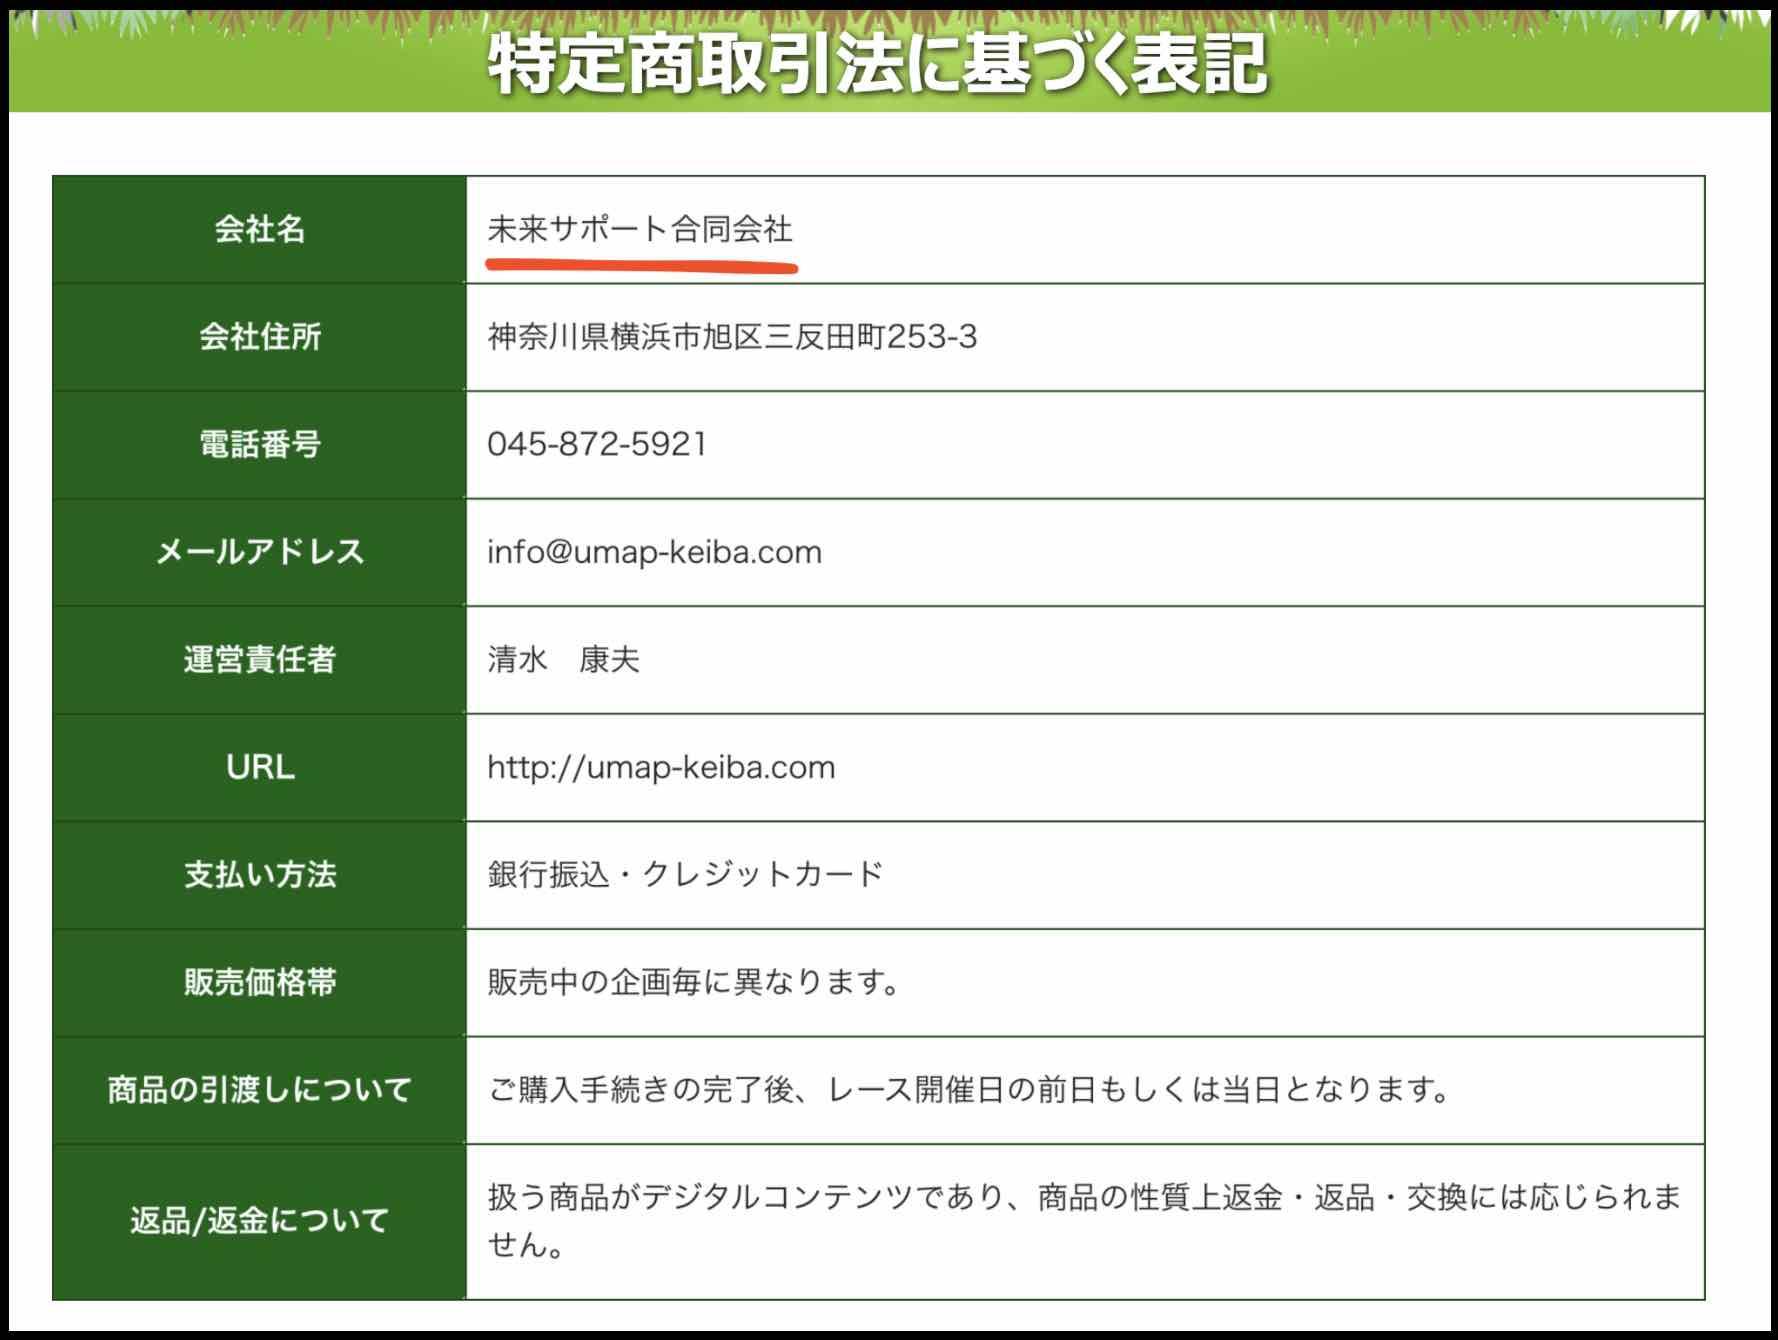 うまっぷという競馬予想サイトの特商法